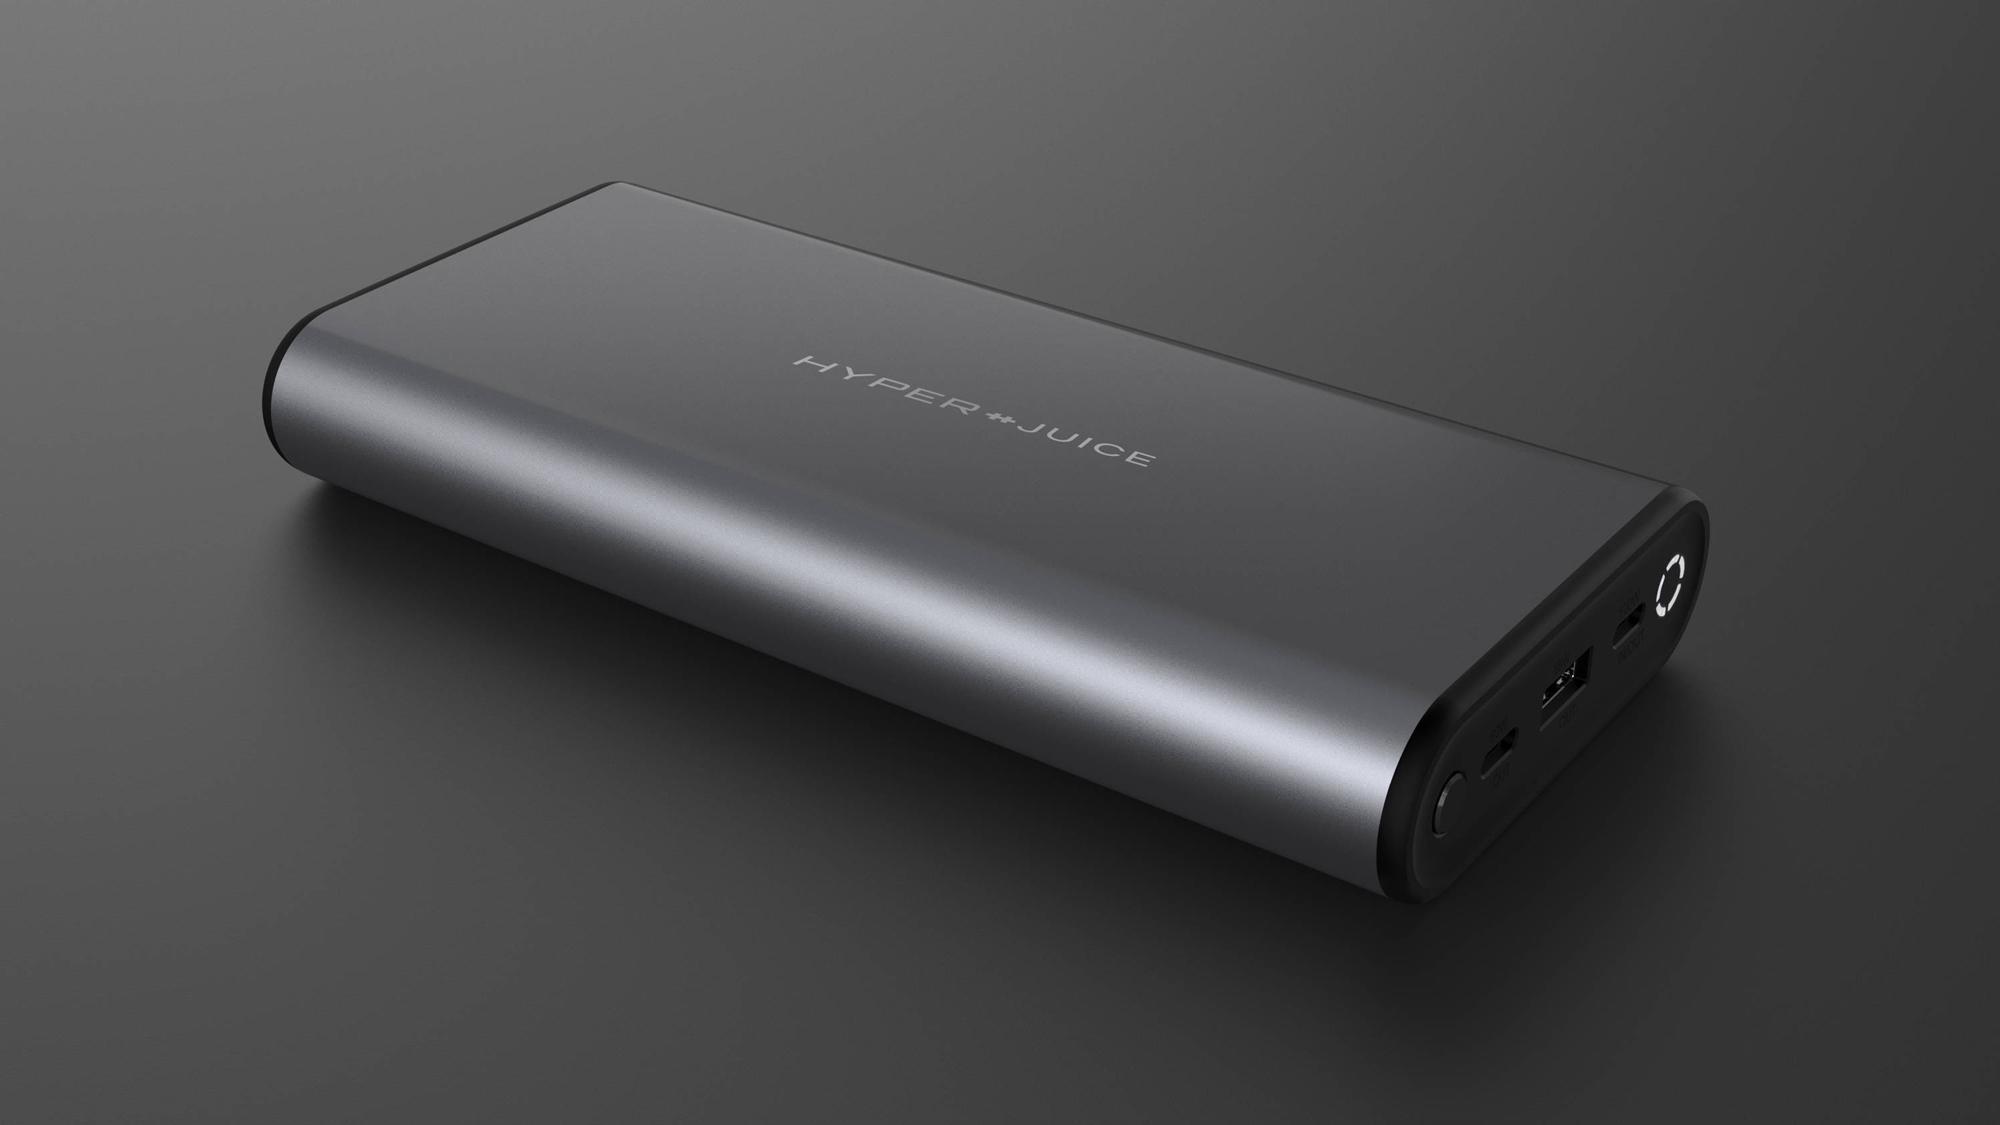 Pin Sạc tích hợp HyperJuice 27000mAh